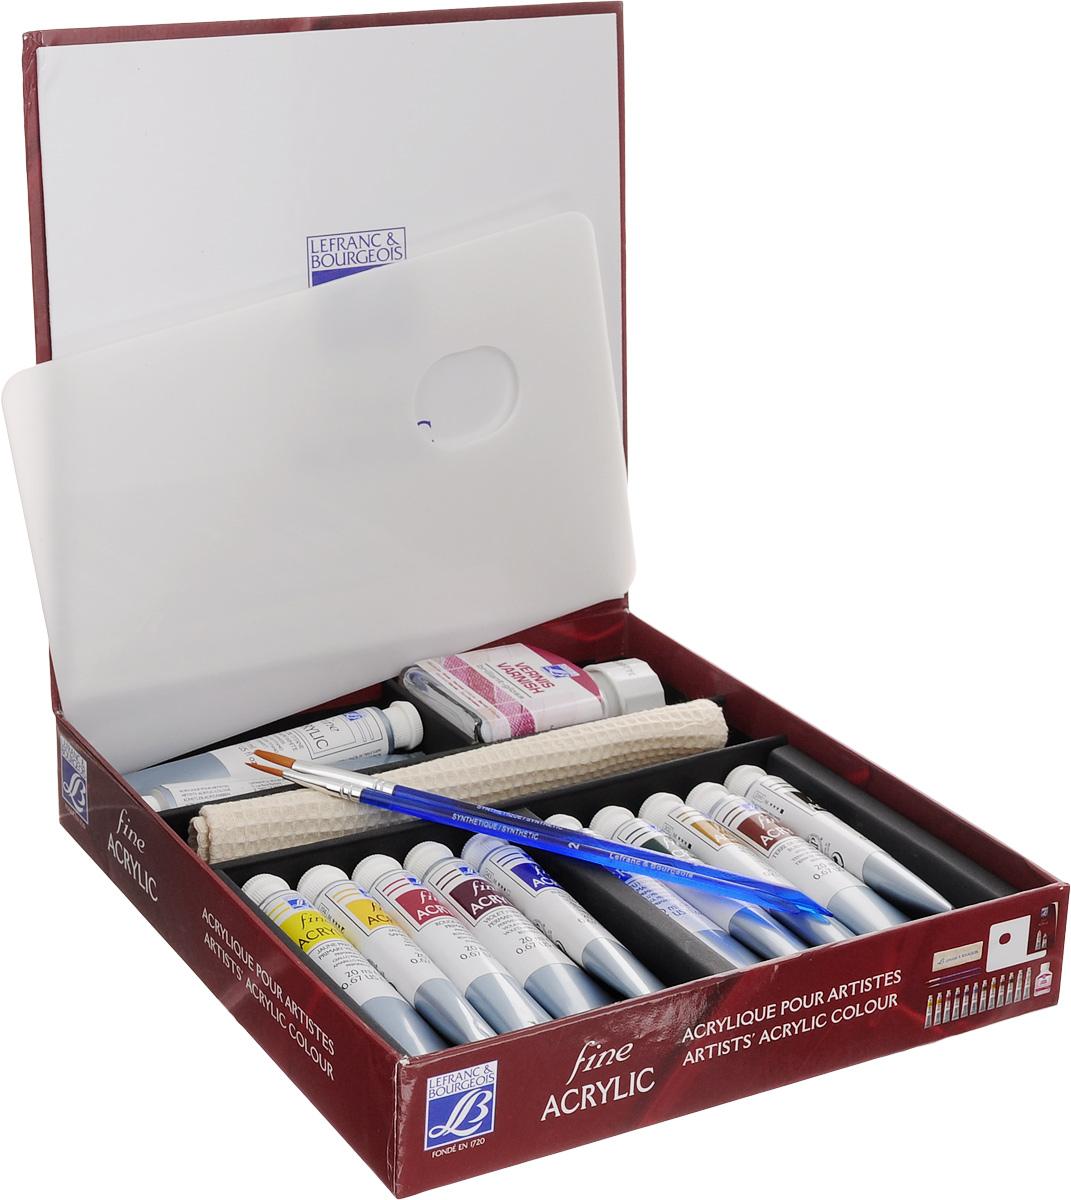 Набор акриловых красок Lefranc & Bourgeois Fine Artist, 17 предметовFS-00103Набор Lefranc & Bourgeois Fine Artist включает 10 пластиковых тюбиков акриловой краски разных цветов, 2 тюбика белой краски Titanium White, глянцевый лак в стеклянной банке, 2 кисти №2 и №6, палитру для смешивания красок и полотенце для рук с вышитым логотипом. Краски могут использоваться на разнообразных поверхностях, разводятся в воде. Достаточно нанести один слой. При нанесении обеспечивают красивое покрытие с эффектом сатина. Объем красок: 20 мл. Количество цветов: 11. Объем лака: 75 мл. Размер полотенца: 18,5 х 19 см. Длина кистей: 18 см, 19 см. Размер палитры для смешивания красок: 23 х 15 см.